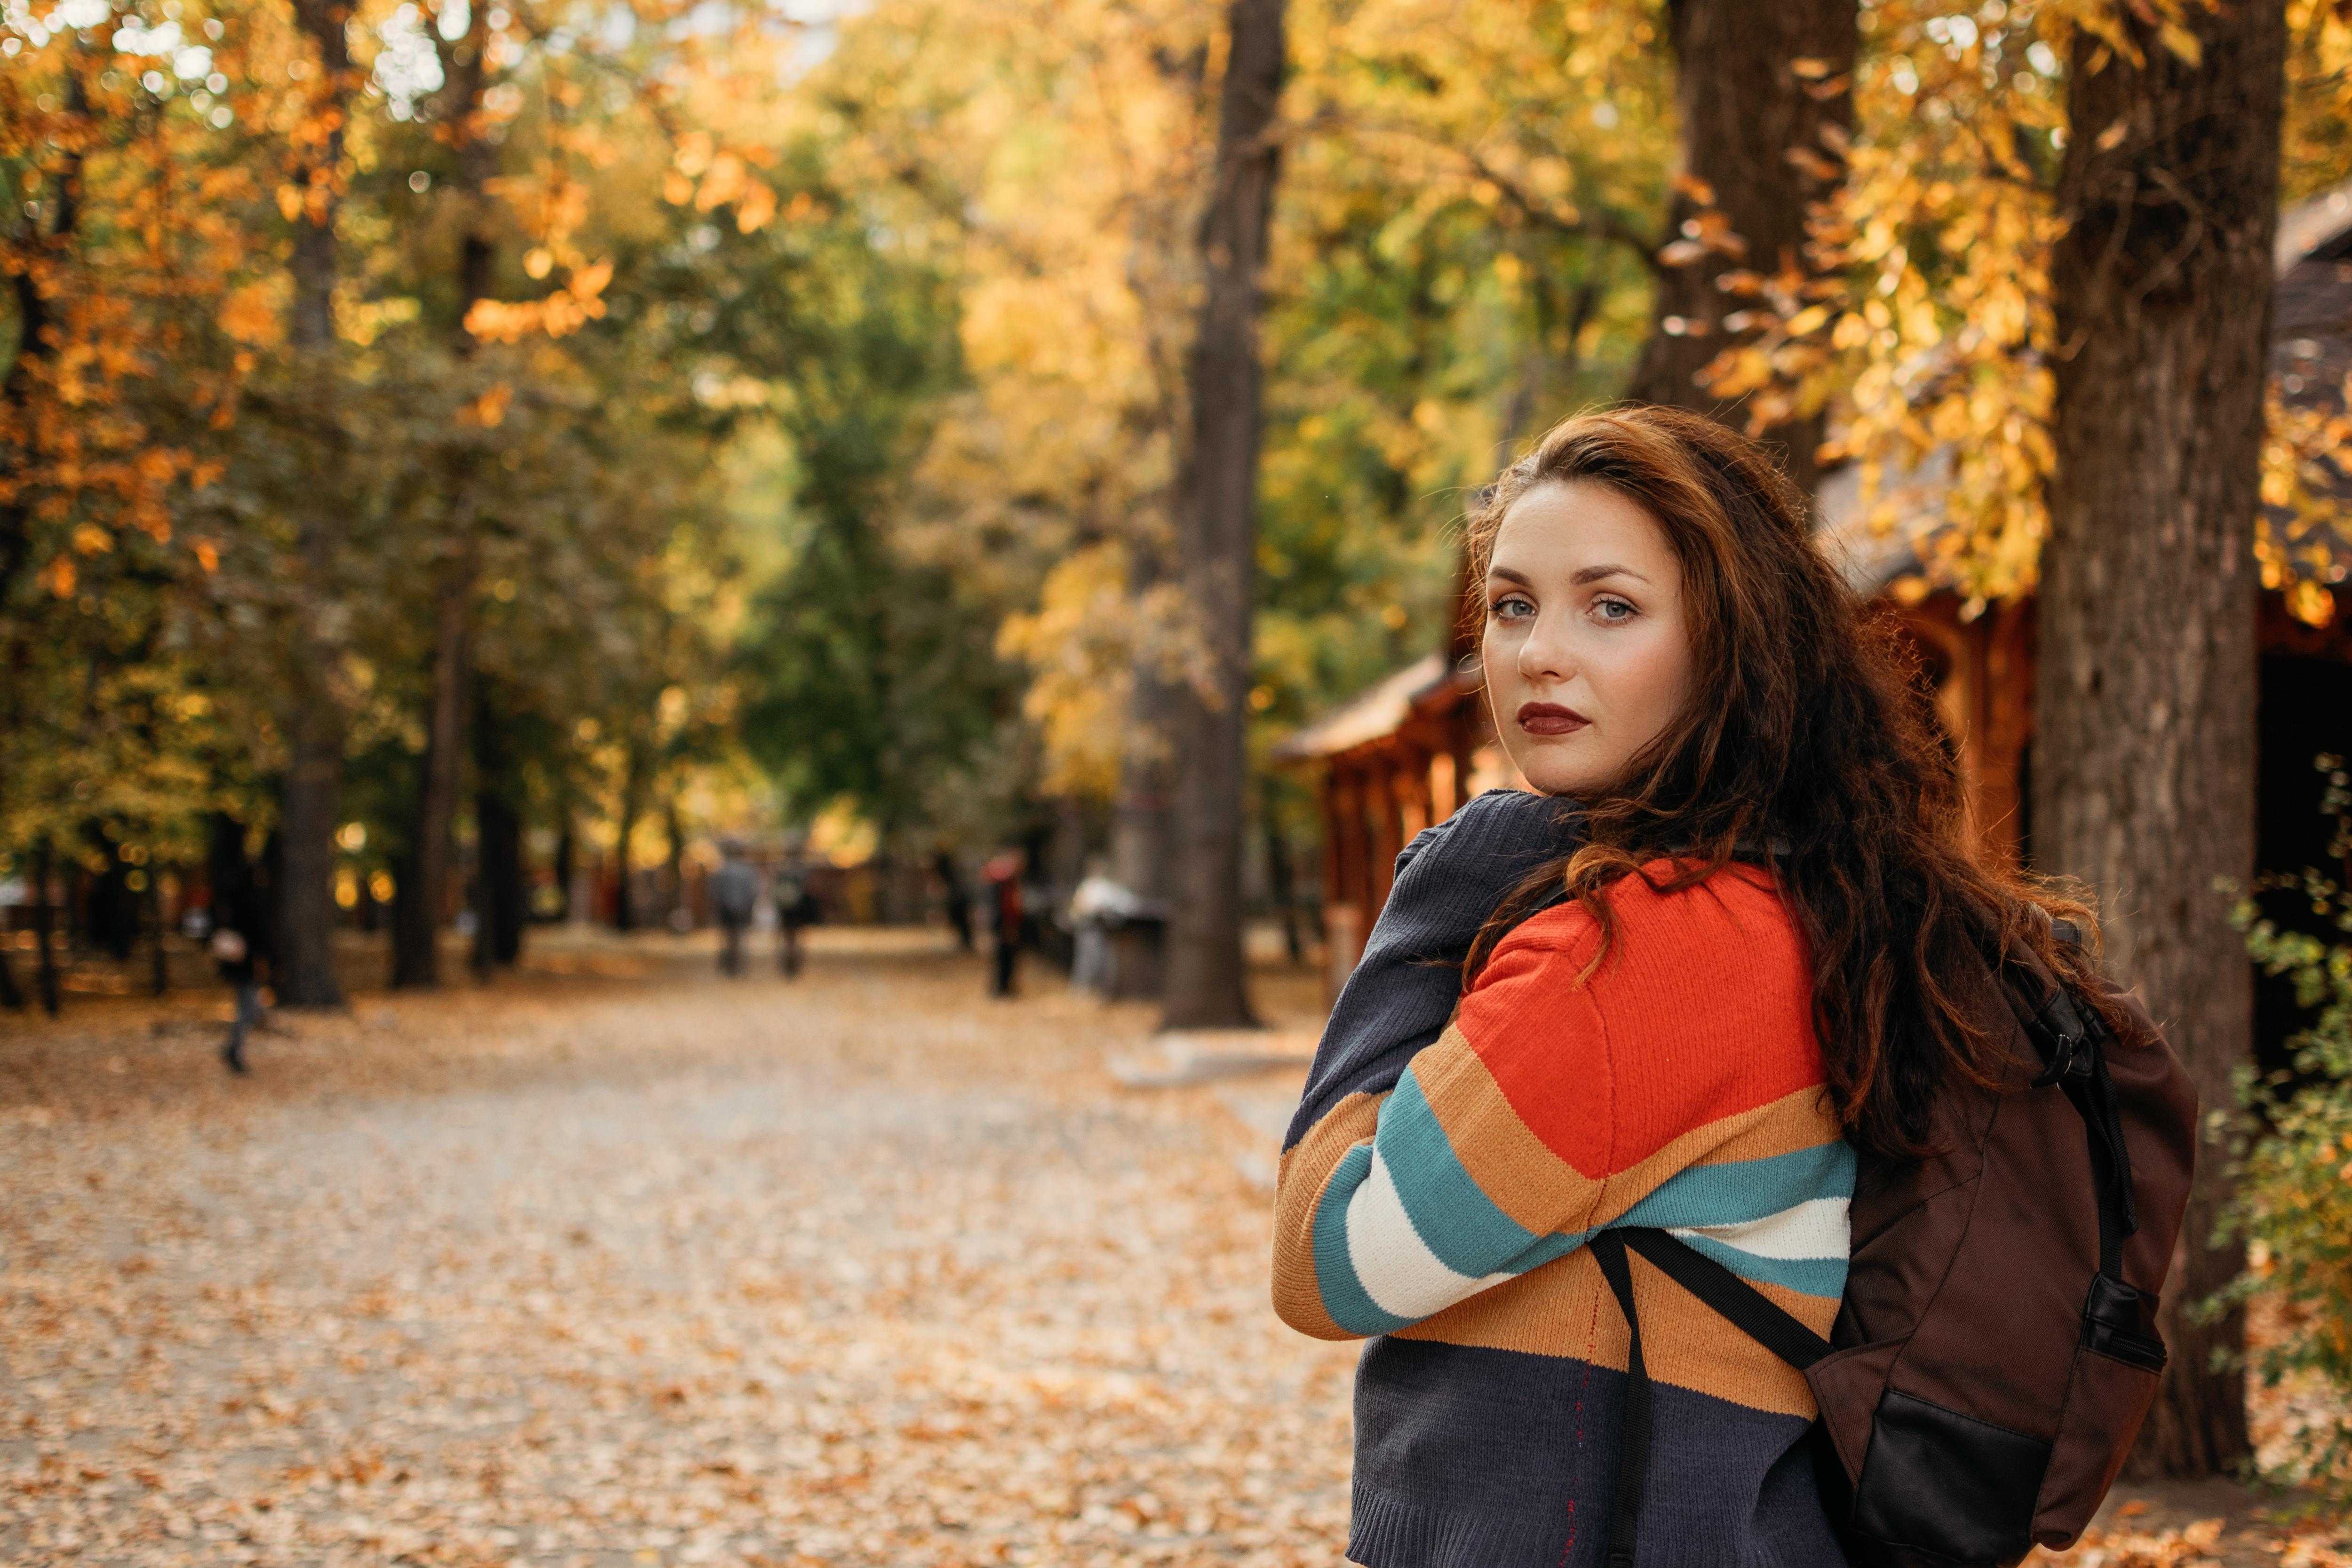 السياحة في الخريف